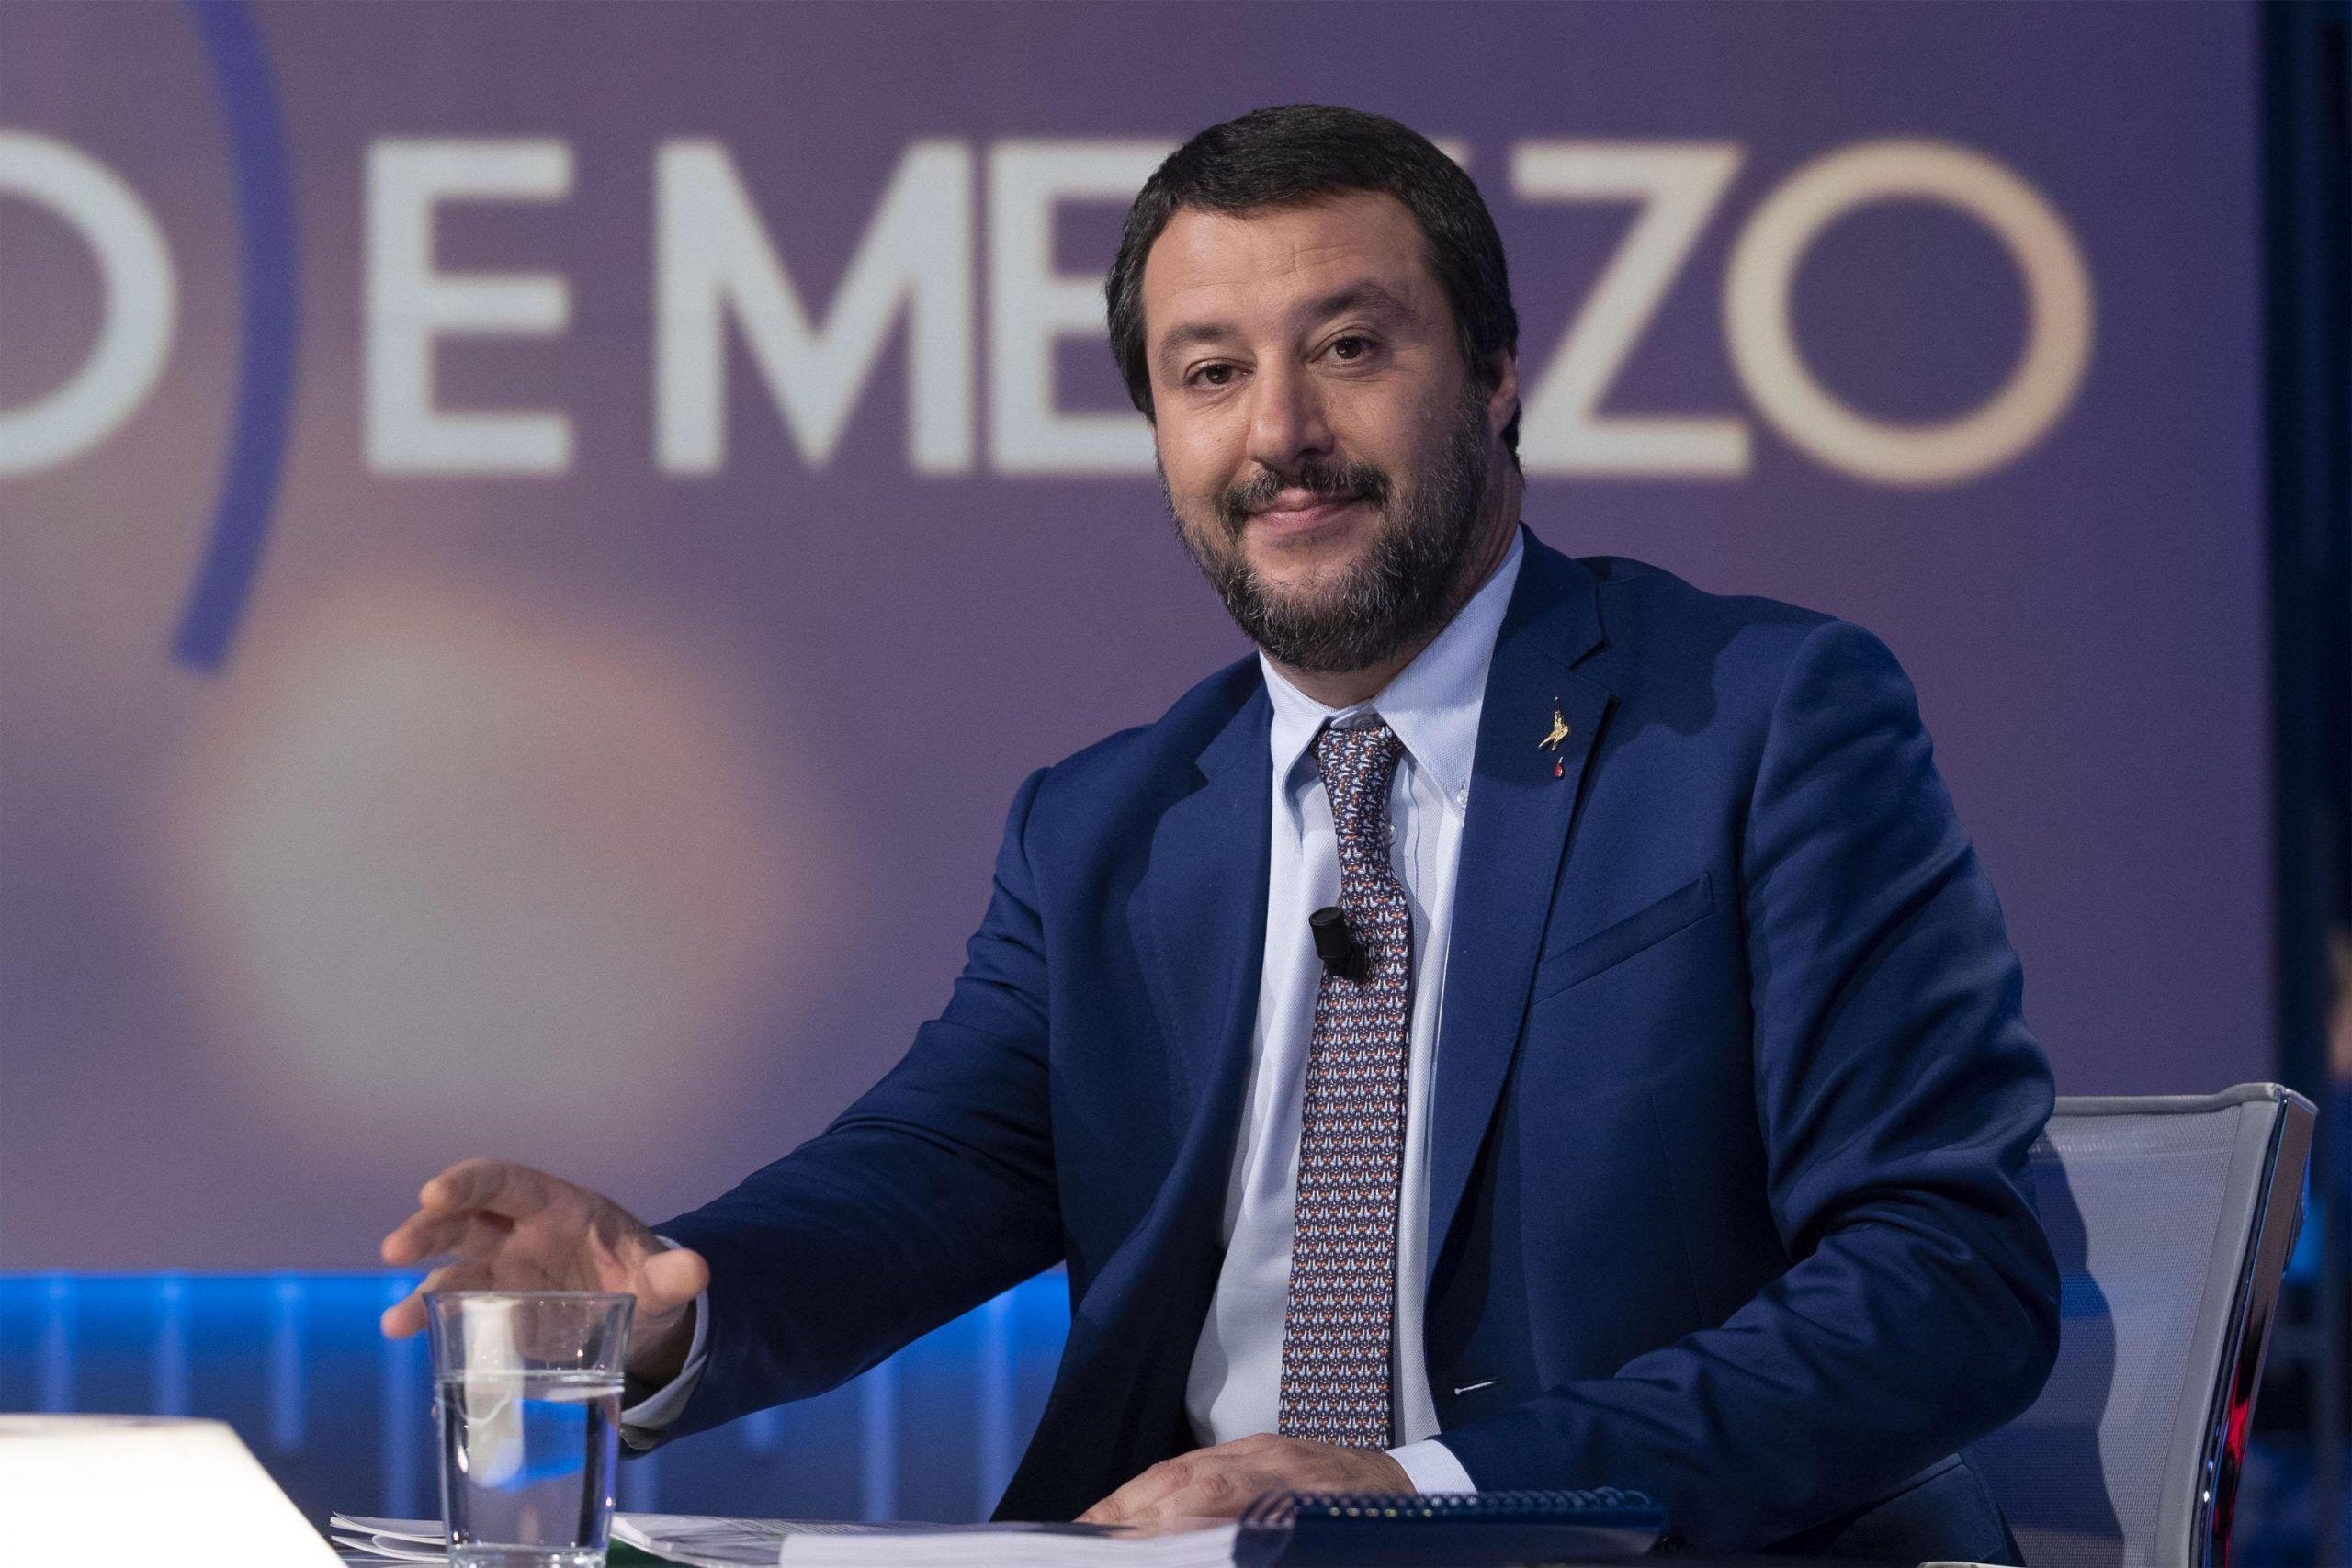 Salvini da Gruber parla di Elisa Isoardi: 'Ho amato, non mi vergogno'